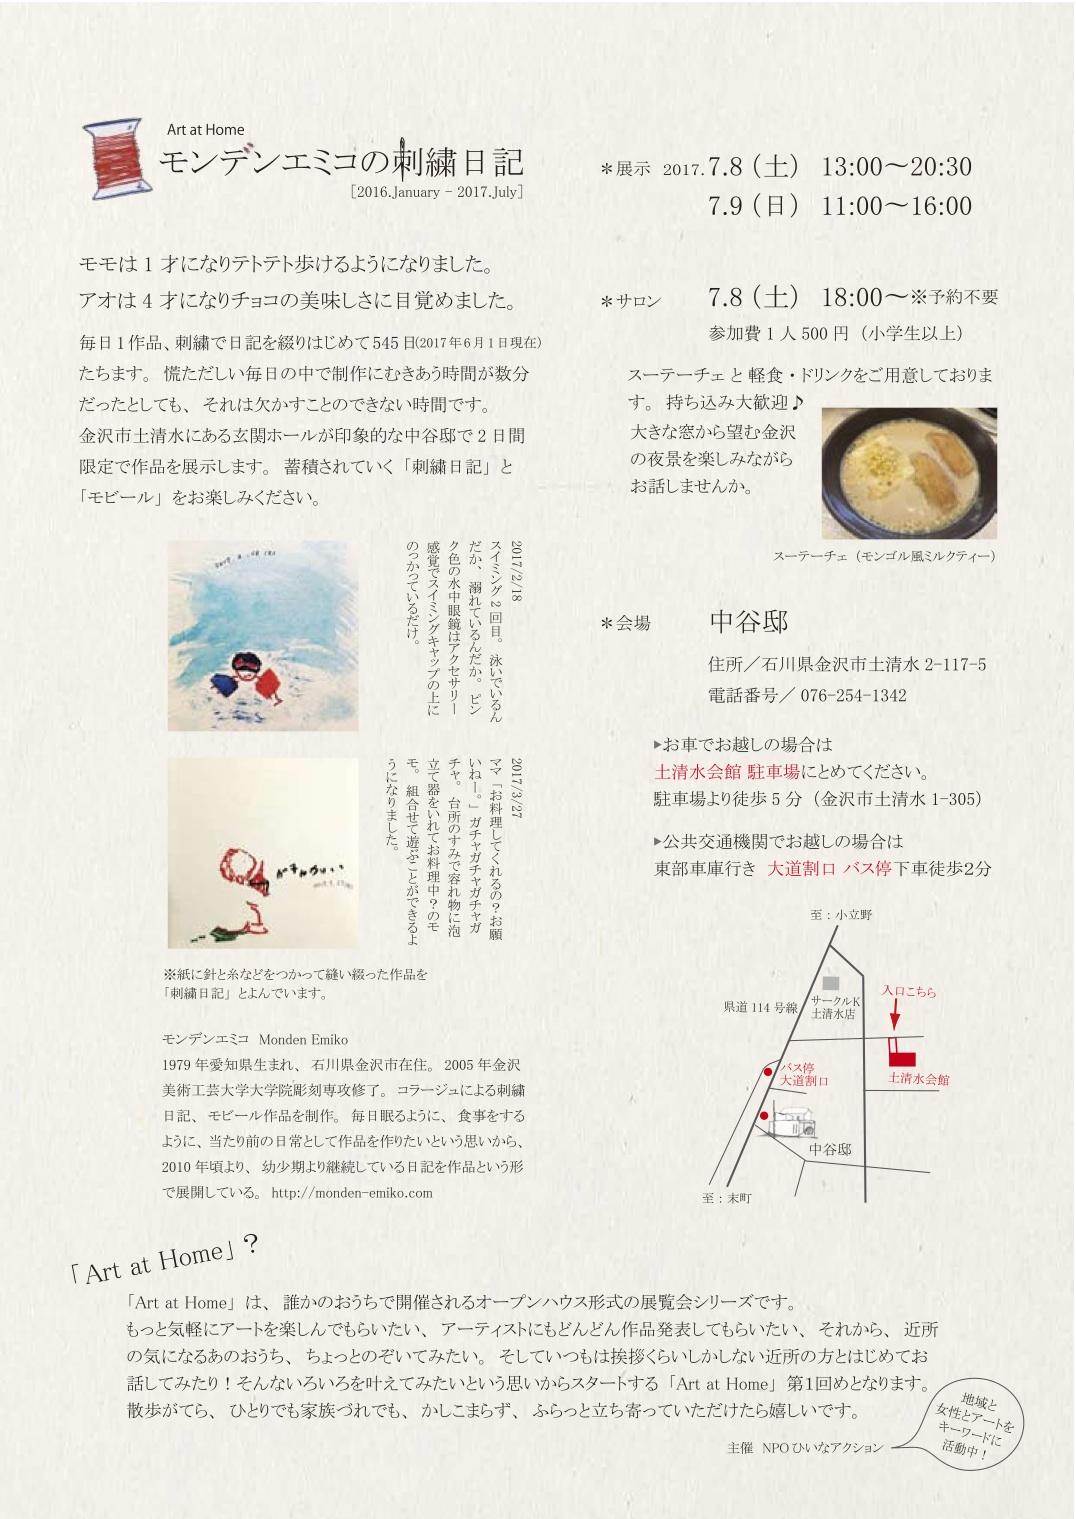 個展:モンデンエミコの刺繍日記[2016.January - 2017.July]